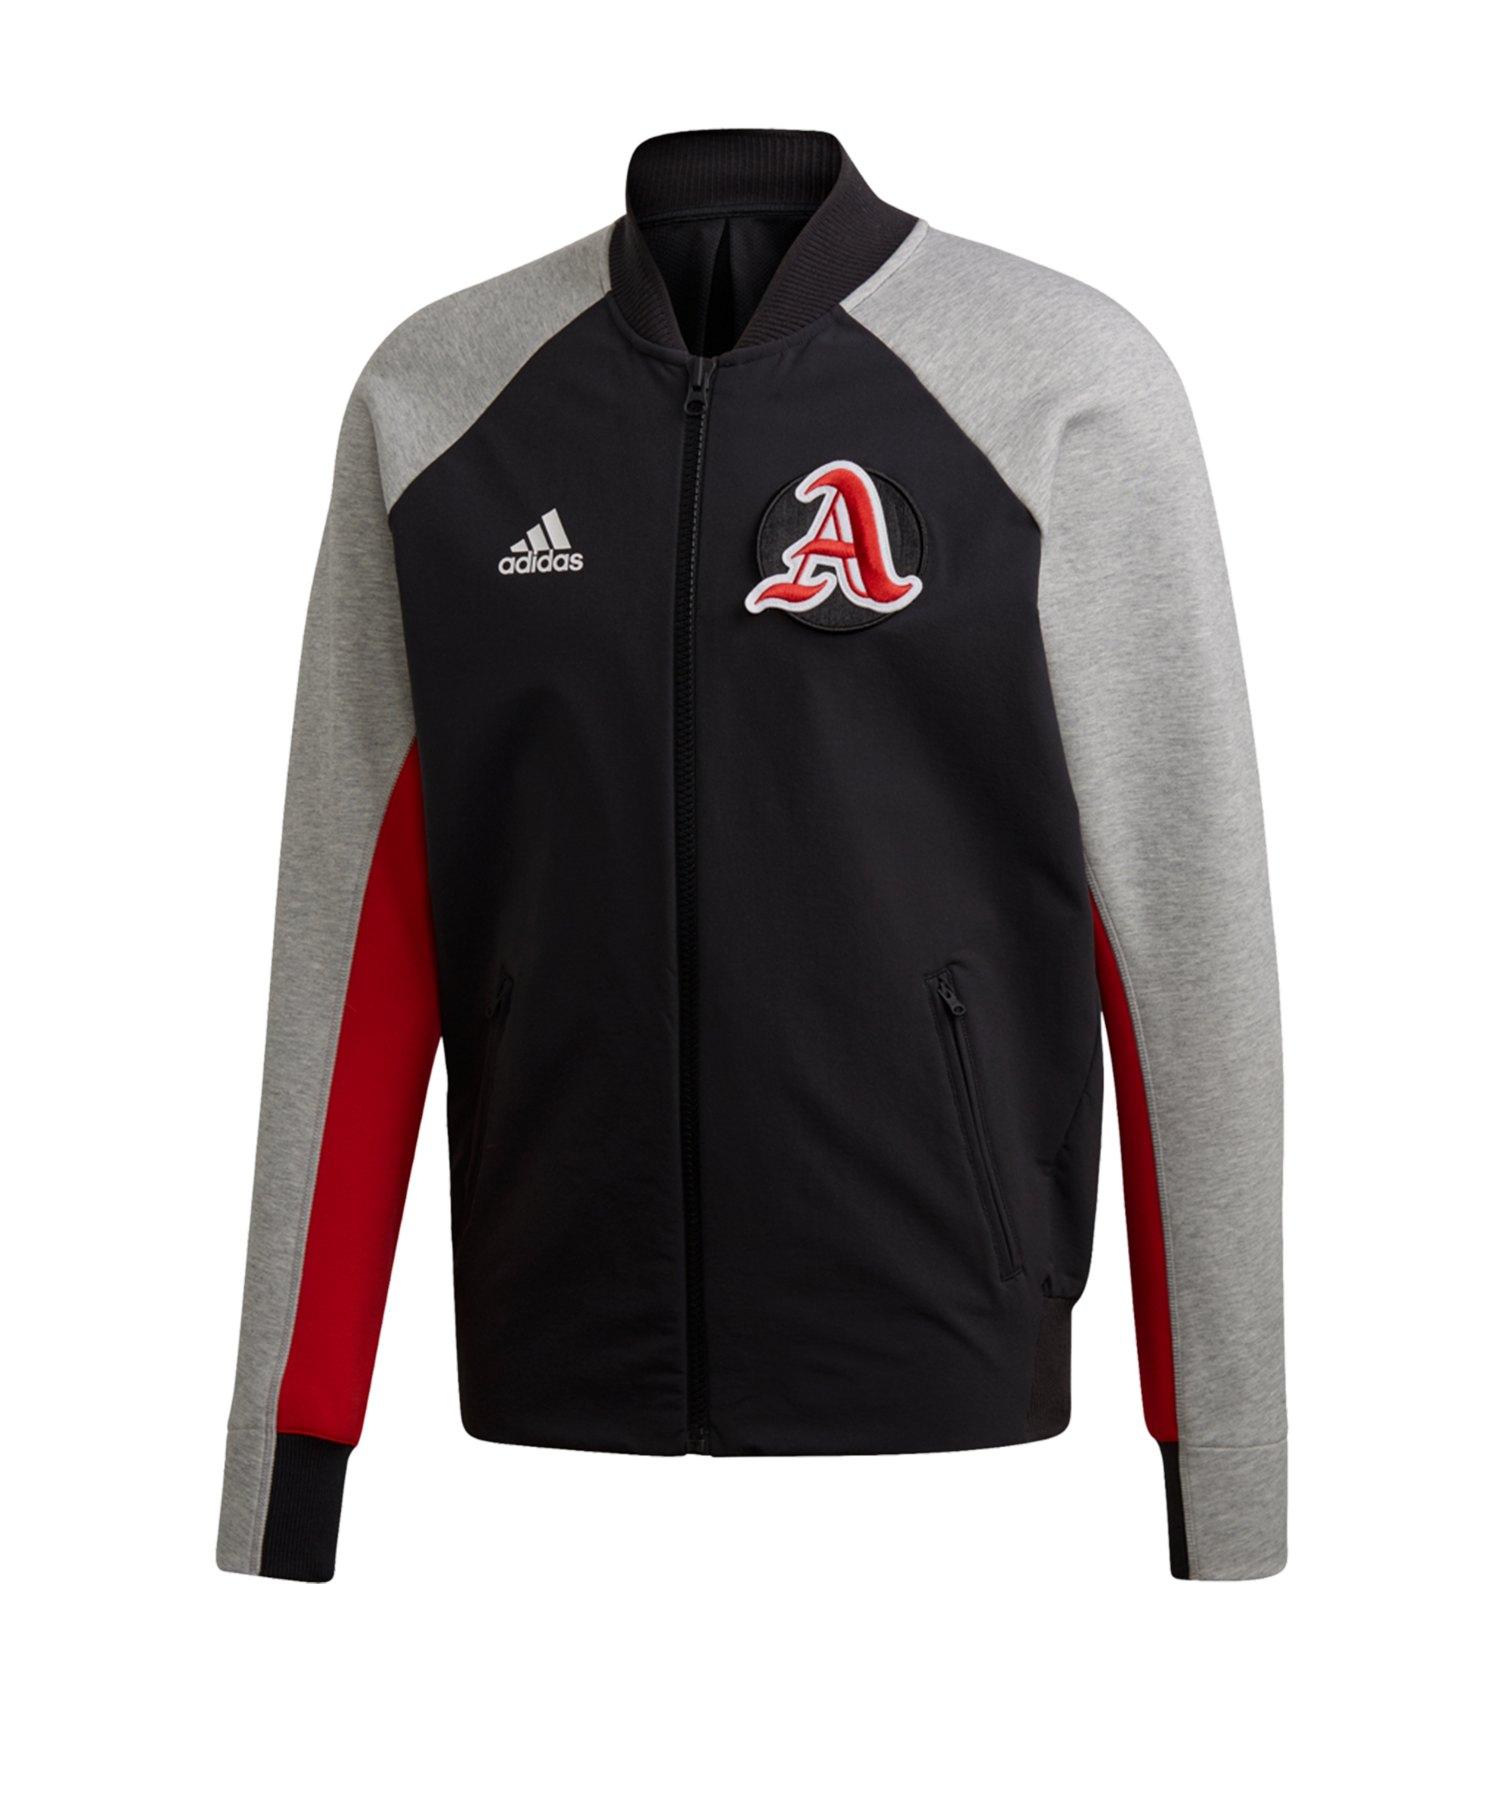 adidas VRCT Jacket Jacke Schwarz Grau Rot - schwarz